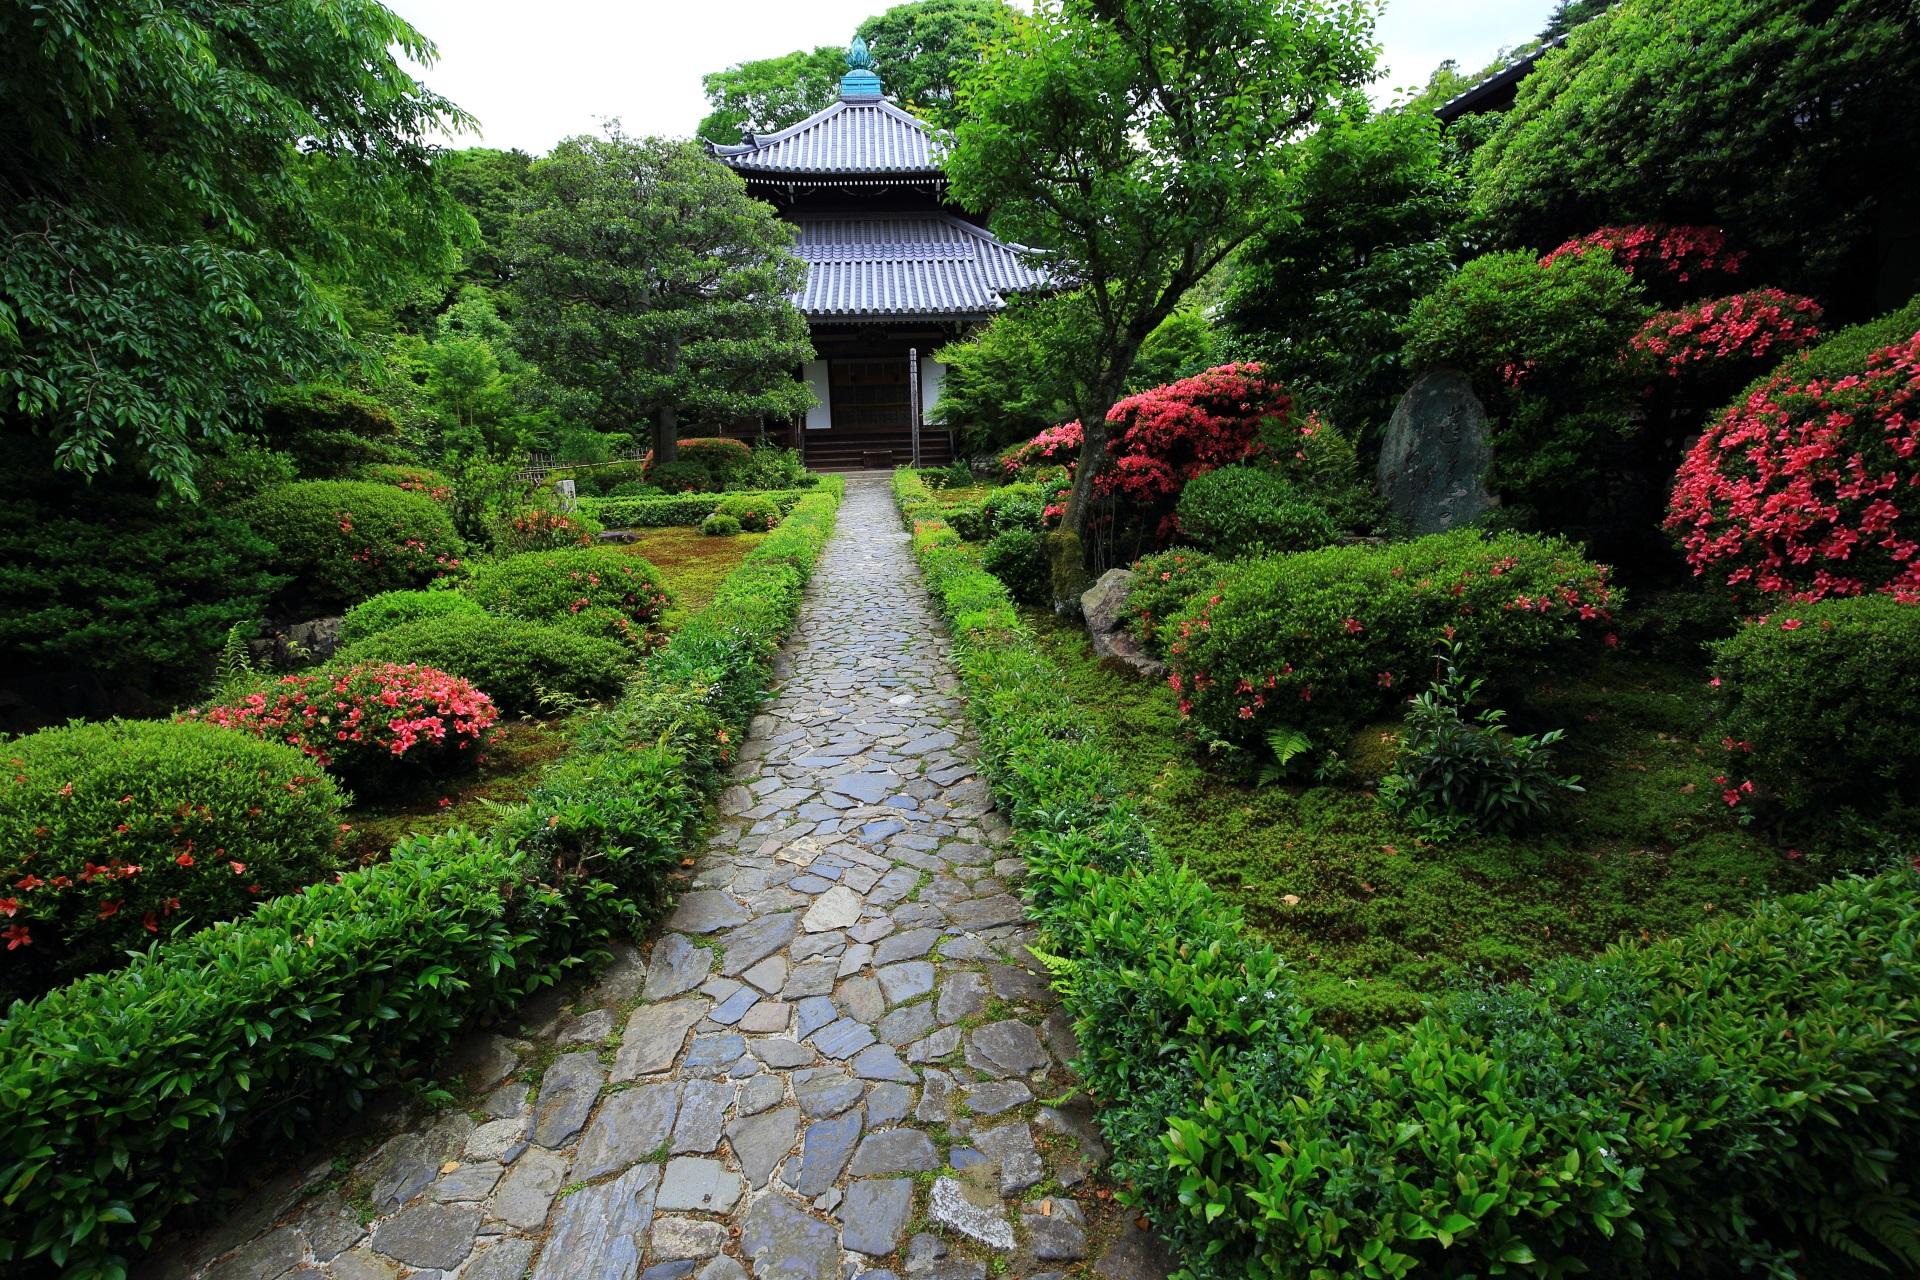 安楽寺の本堂とピンクのサツキが彩る緑の庭園